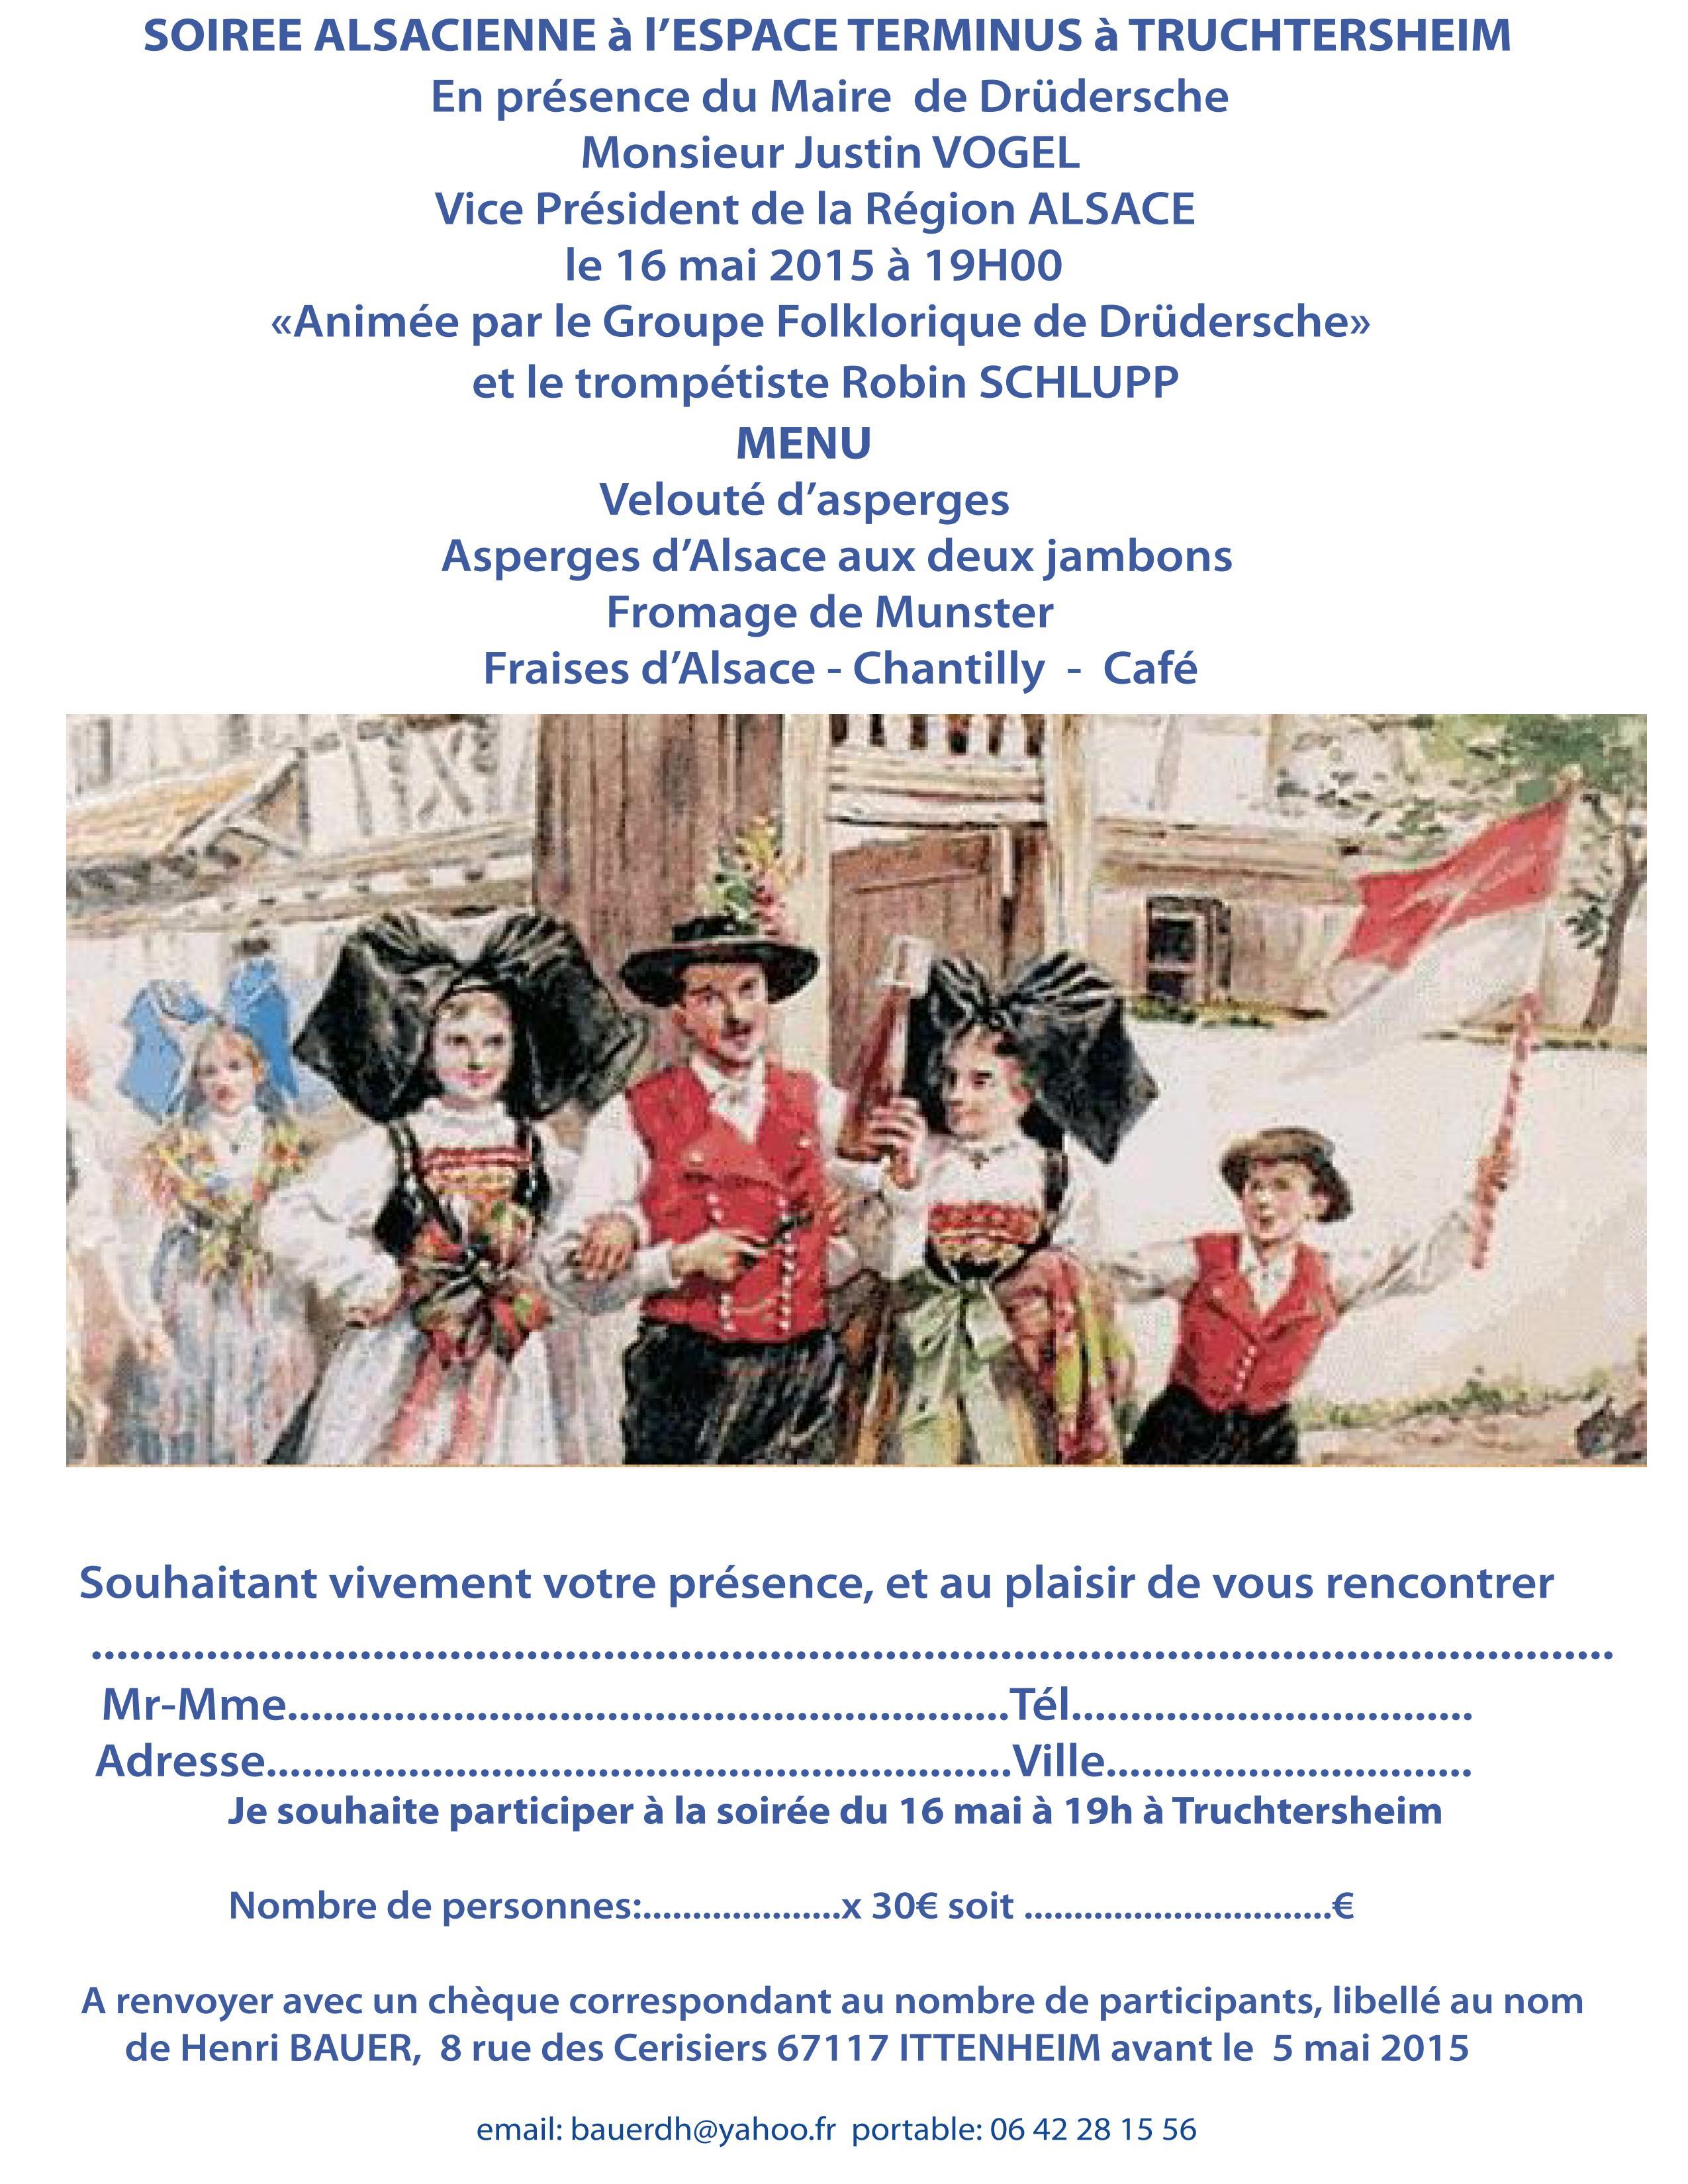 Soirée alsacienne Circo4 Truchtersheim 16-05-2015